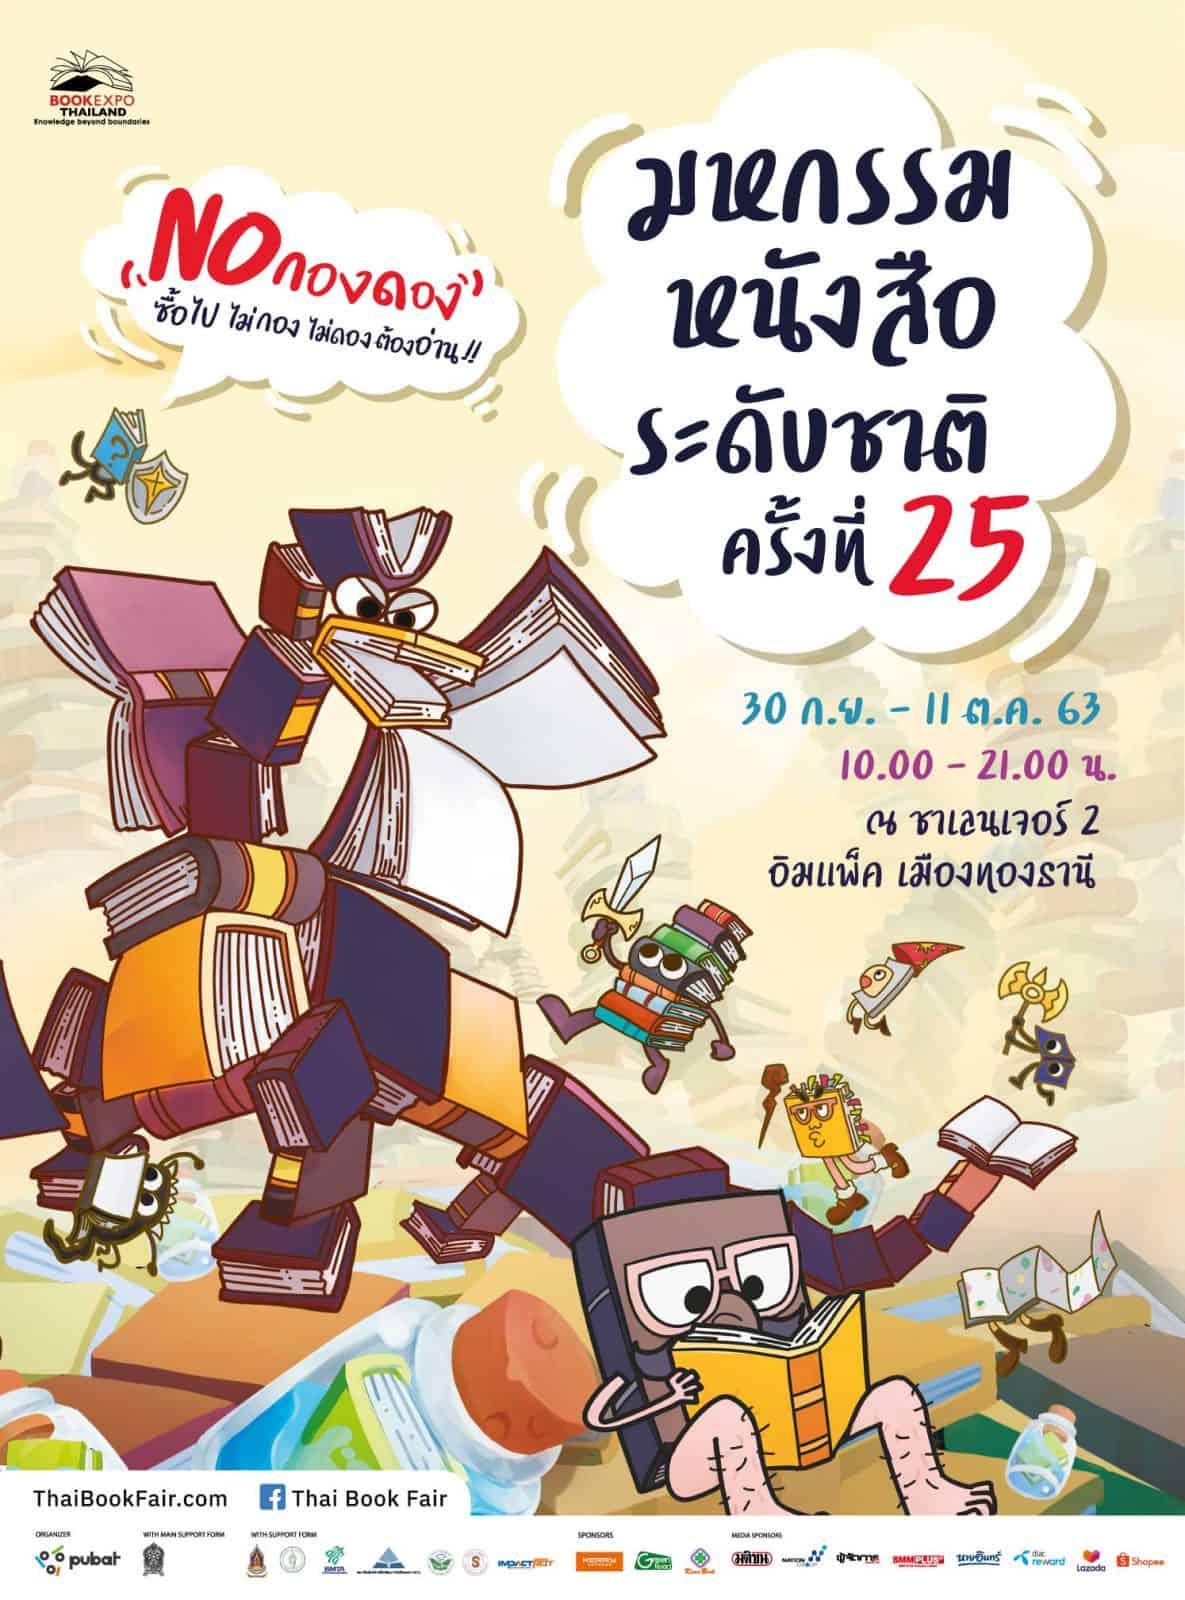 งานหนังสือ 2563 (งานหนังสือ 2020) มหกรรมหนังสือระดับชาติ ครั้งที่ 25 (BOOK EXPO THAILAND 2020) 30 ก.ย. – 11 ต.ค. 63 เวลา 10.00 – 21.00 น. ชาเลนเจอร์ 2 อิมแพ็ค เมืองทองธานี